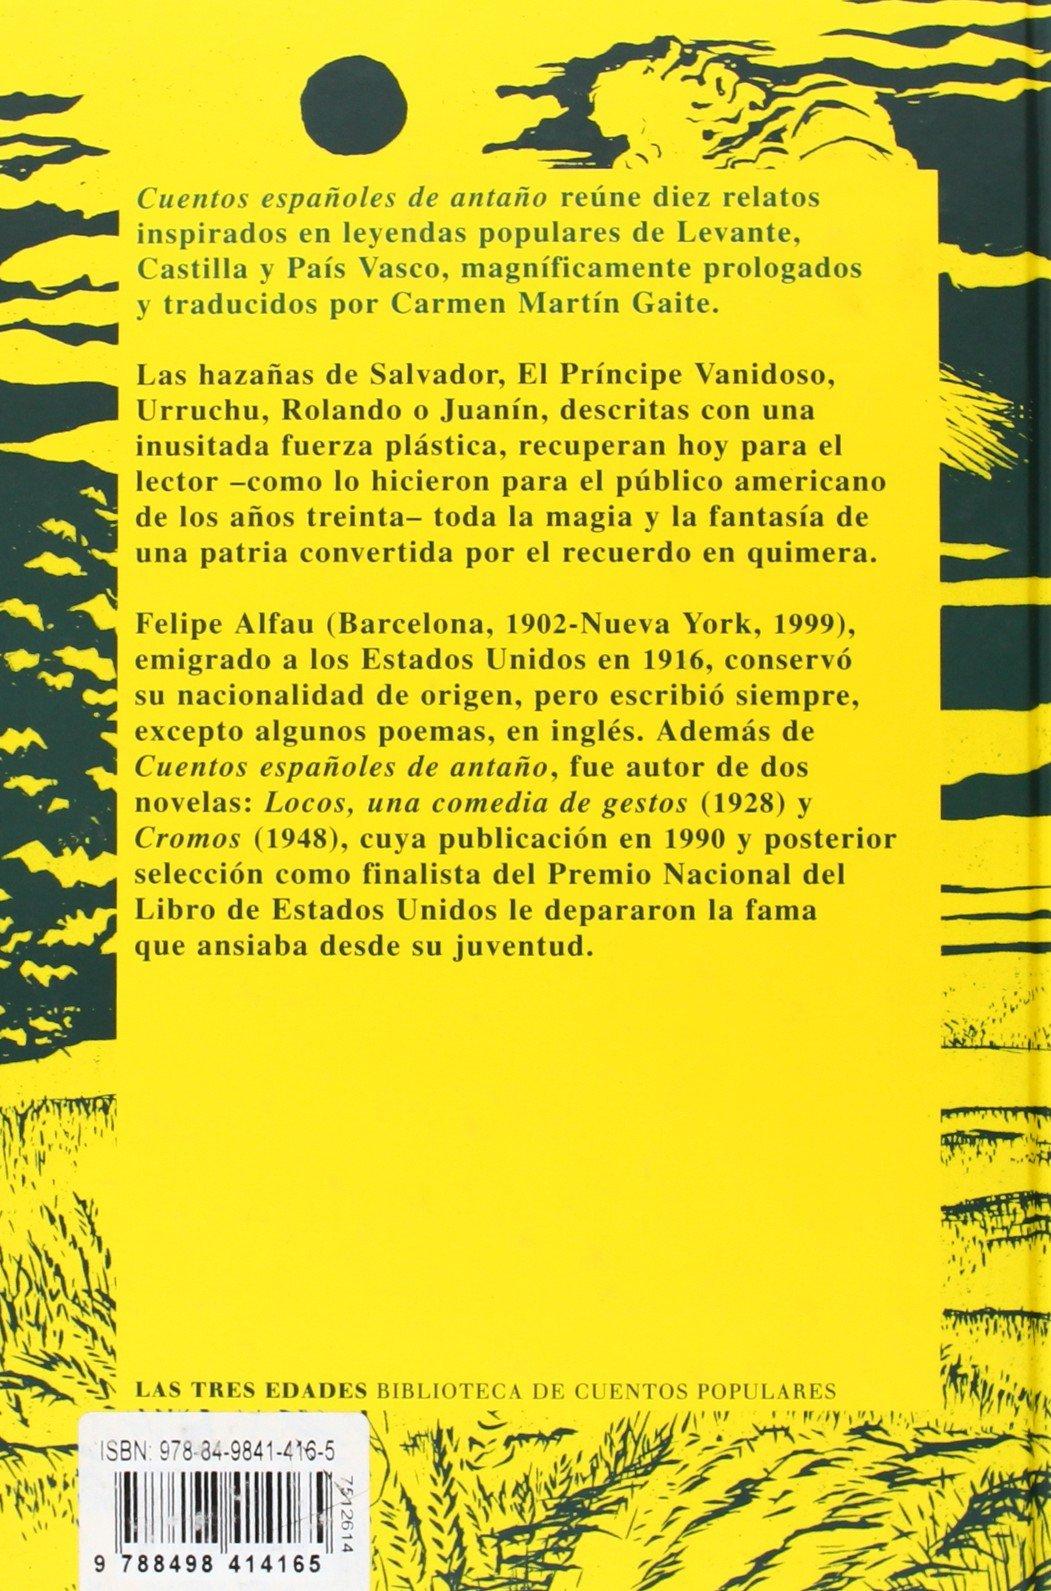 Cuentos españoles de antaño: 14 Las Tres Edades/ Biblioteca de Cuentos Populares: Amazon.es: Alfau, Felipe, Wells, Rhea, Martín Gaite, Carmen, Martín Gaite, Carmen: Libros